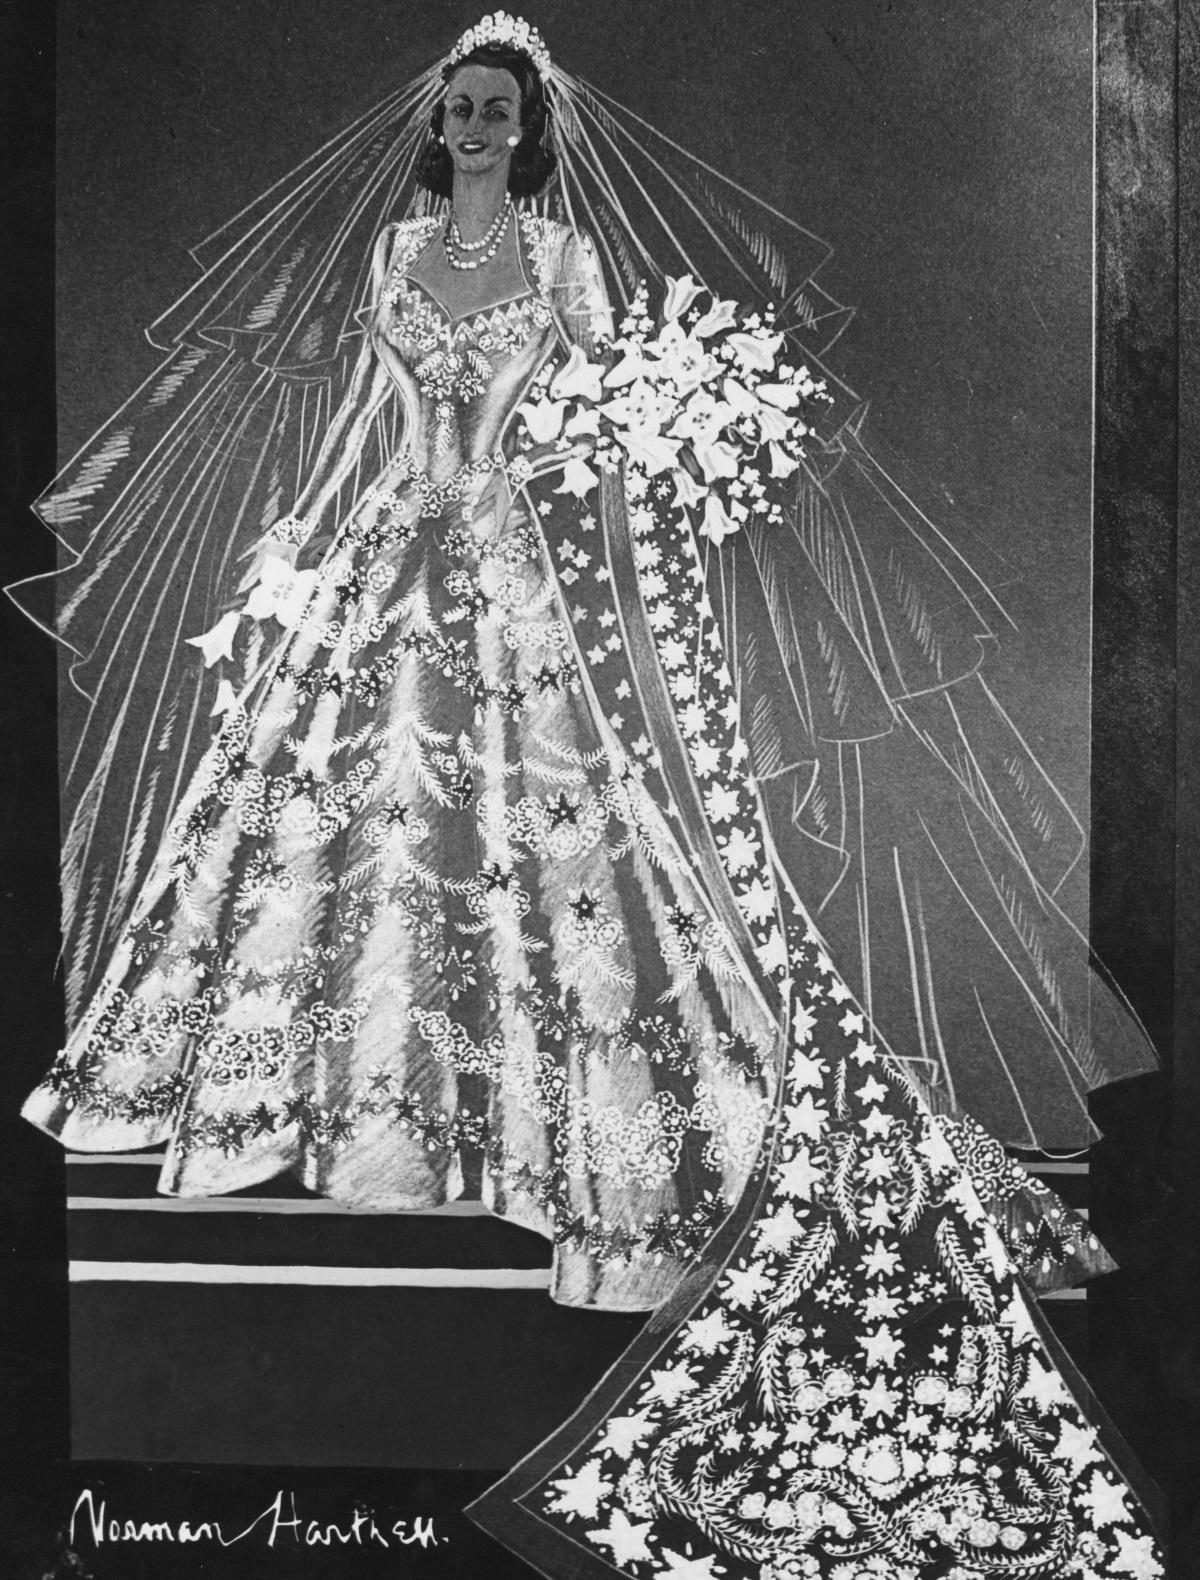 Роклята на Елизабет II за сватбата ѝ с принц Филип през 1947 г. струвала 47,1 хил. долара.